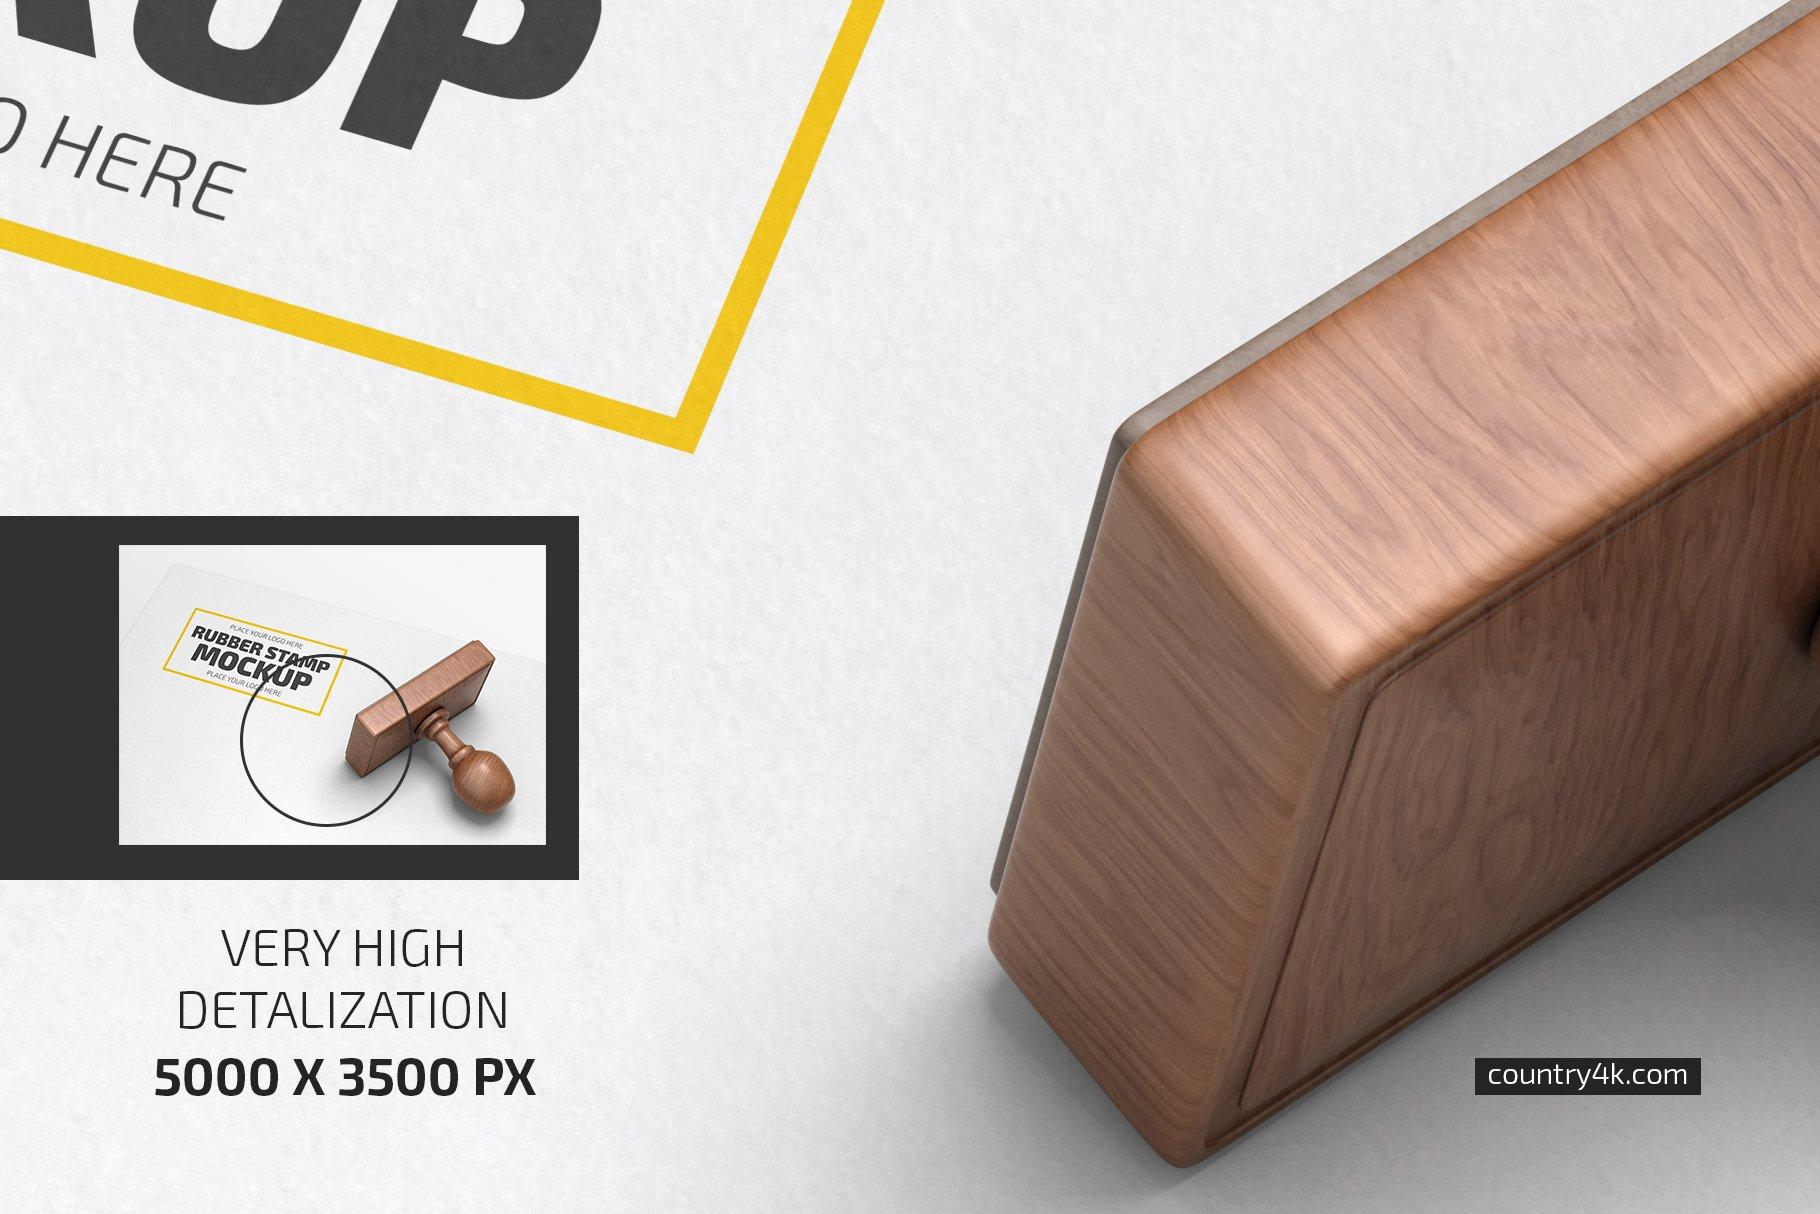 矩形图章设计展示样机模板合集 Rubber Stamp Mockup Set插图(2)